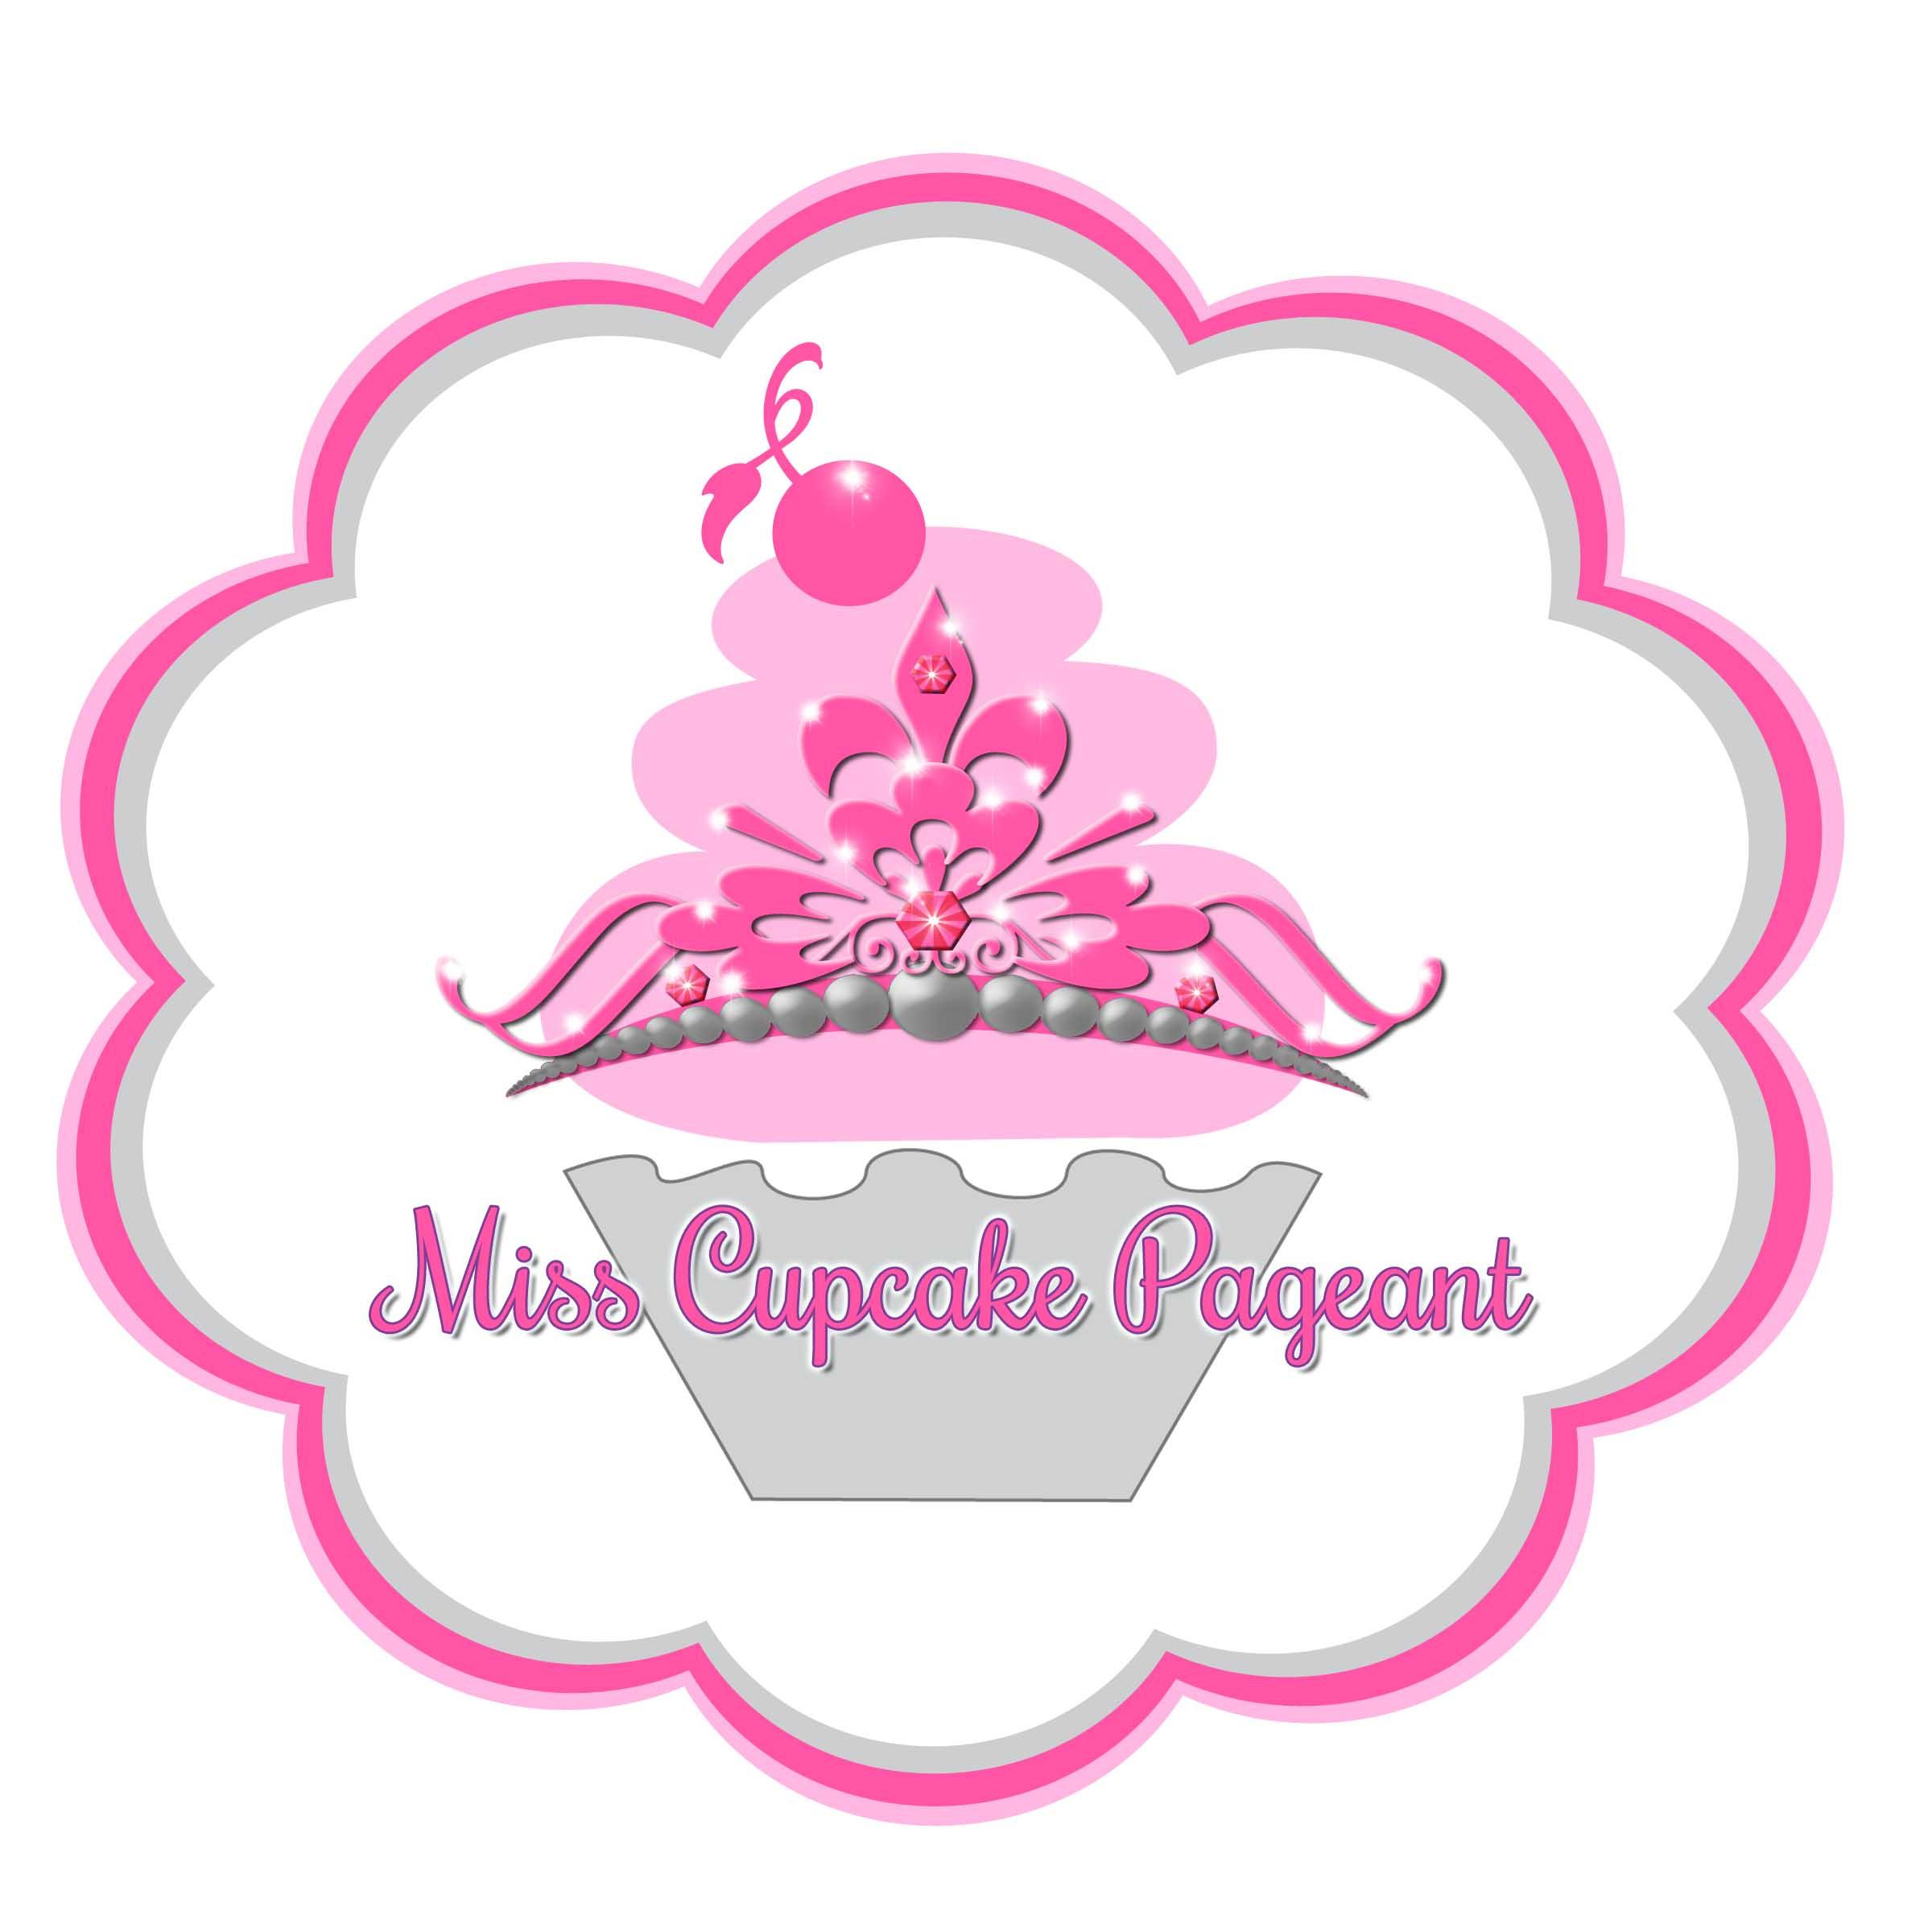 Miss Cupcake Logo